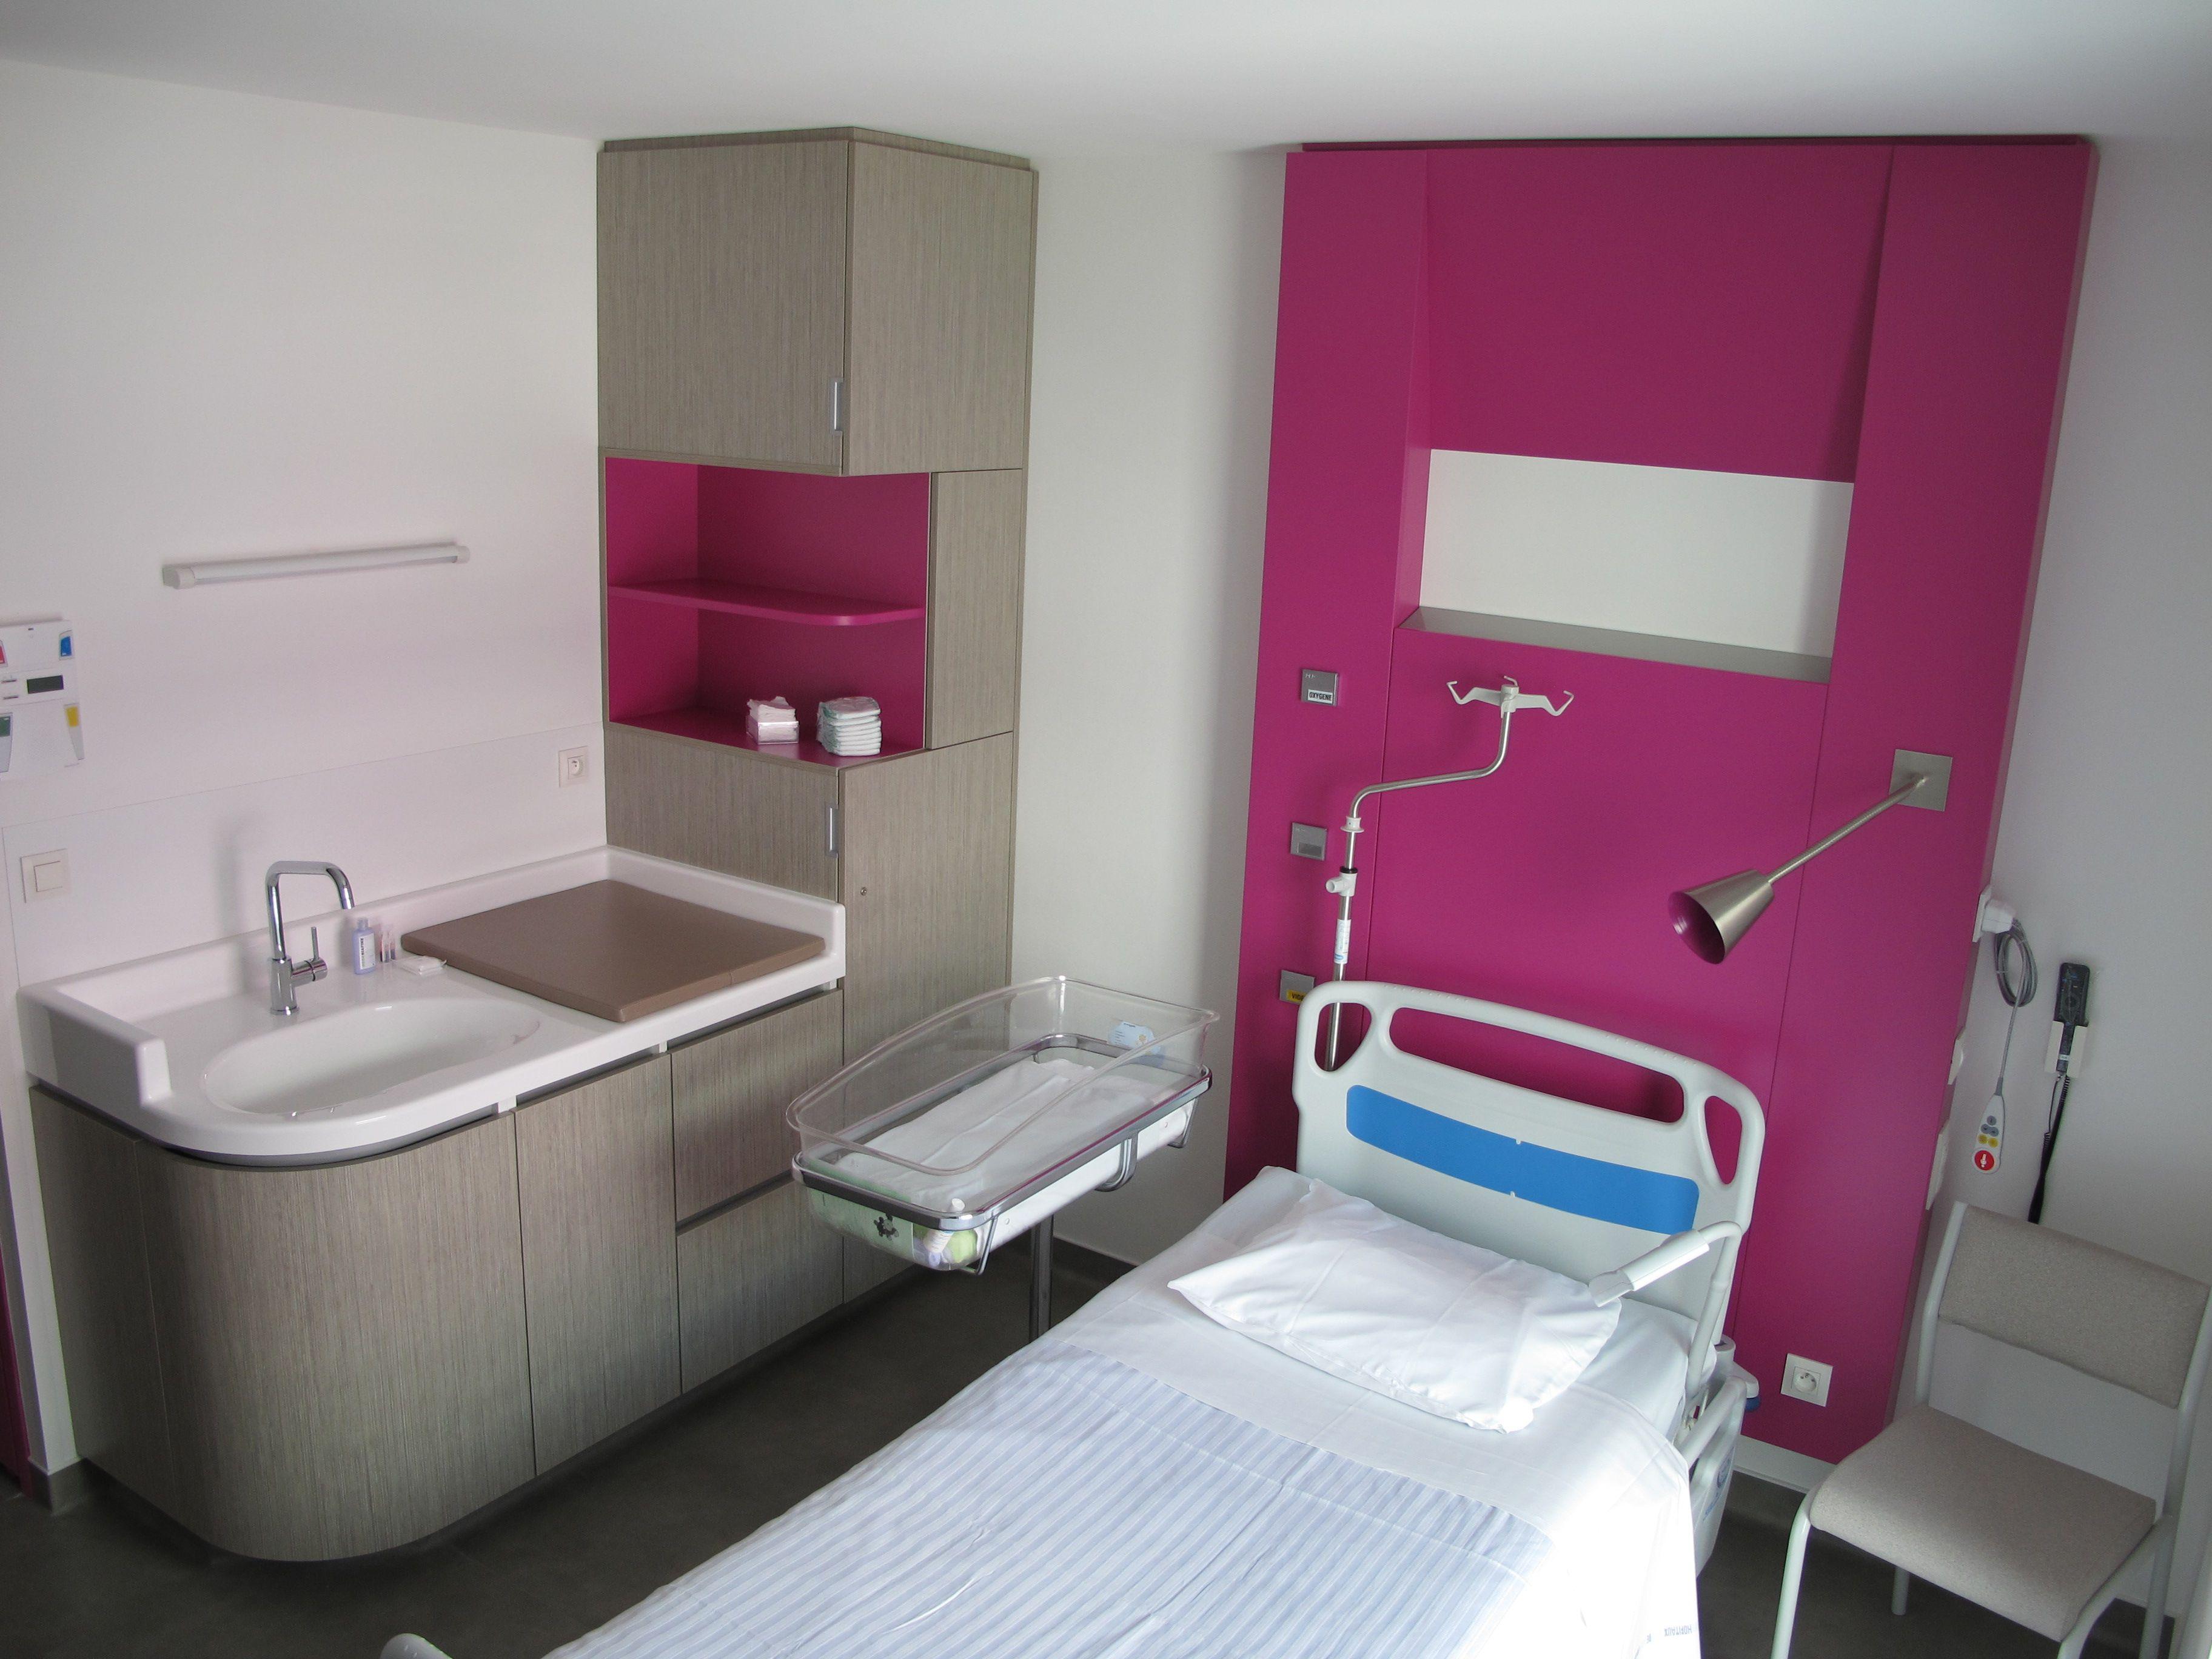 Hopital Chambre Hopital Design De Cabinet Dentaire Hopital